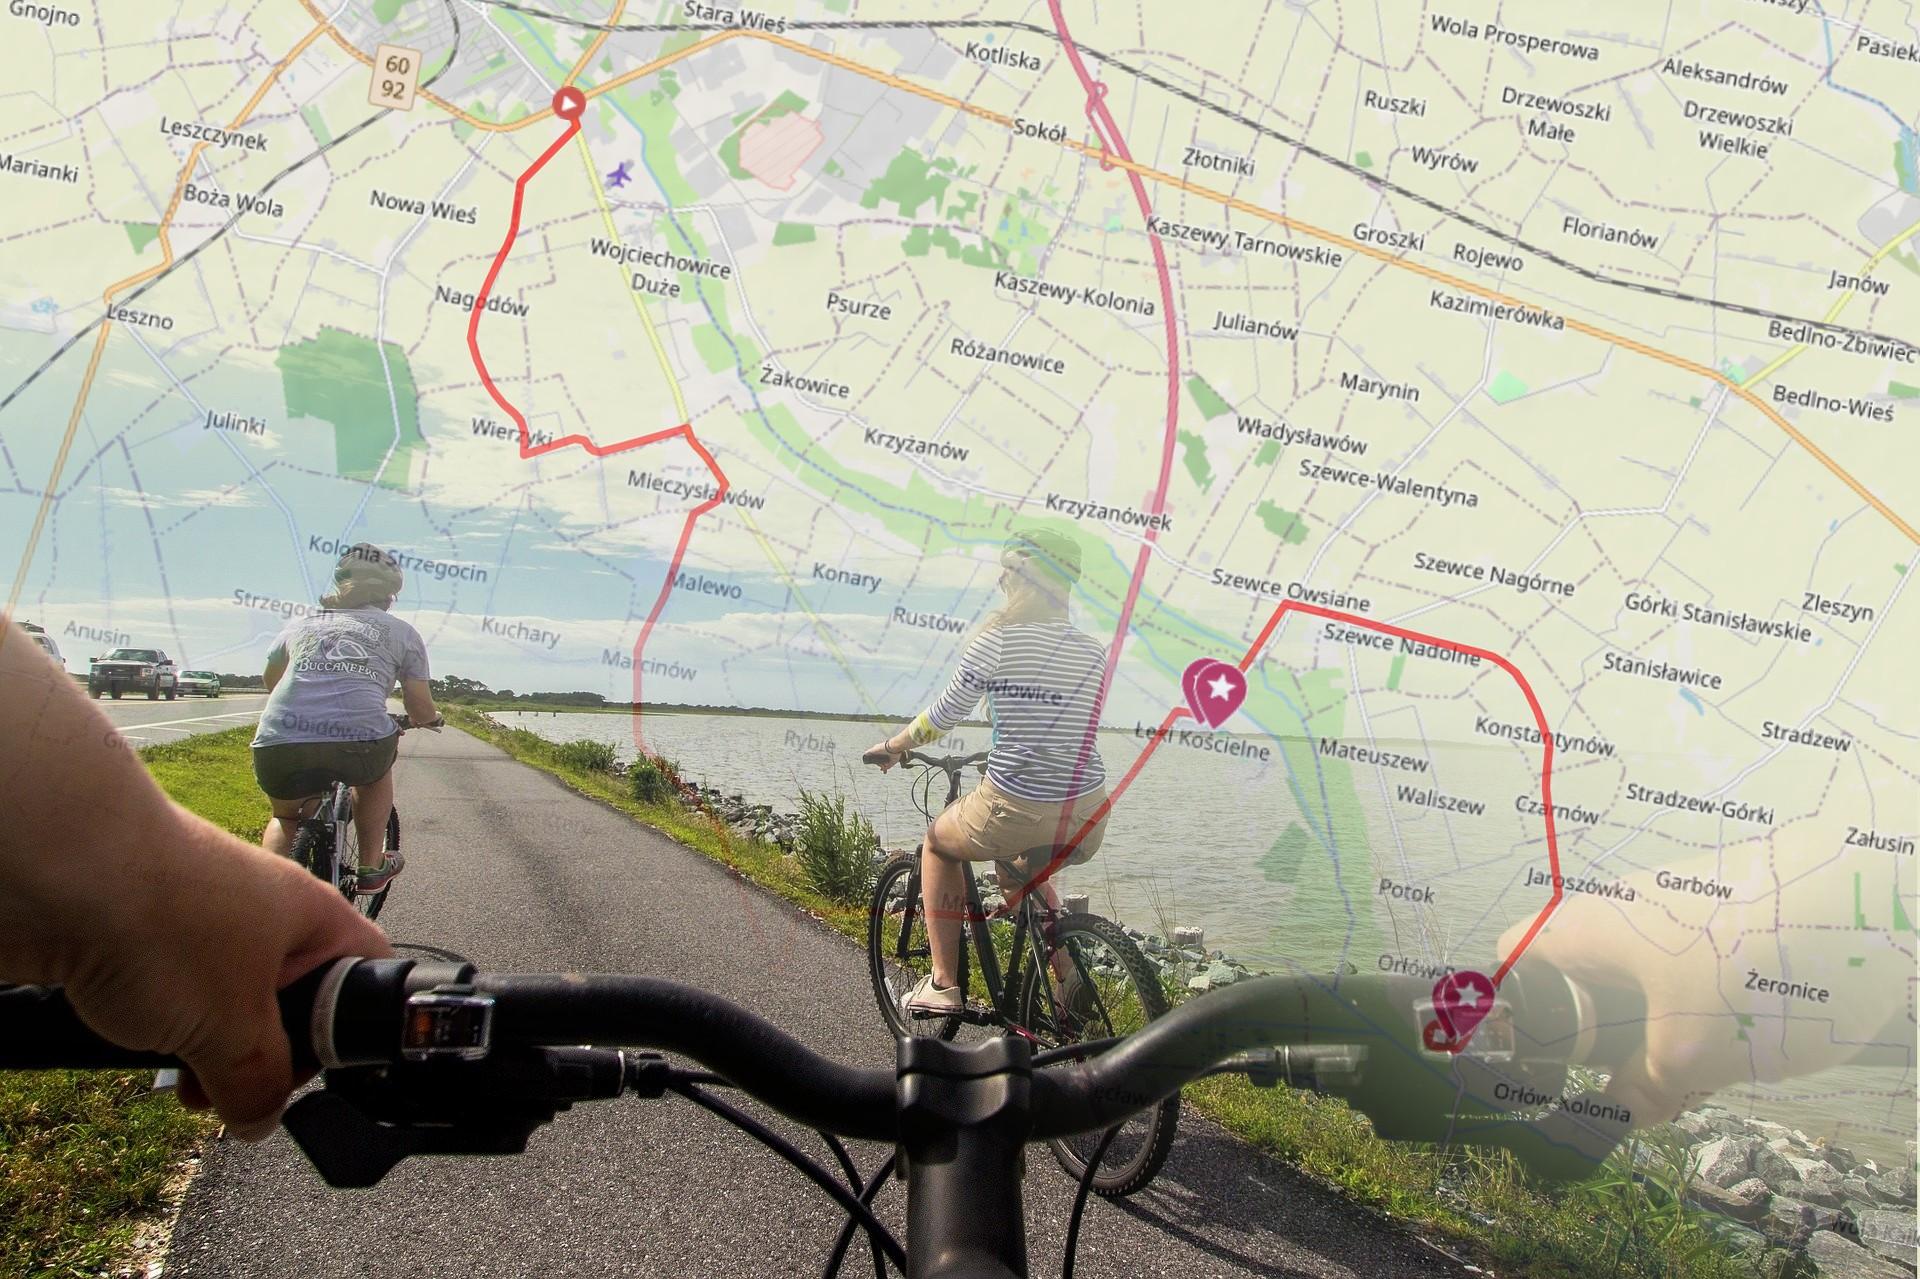 Gdzie na rower w Kutnie i okolicach? [LISTA NAJLEPSZYCH TRAS] - Zdjęcie główne